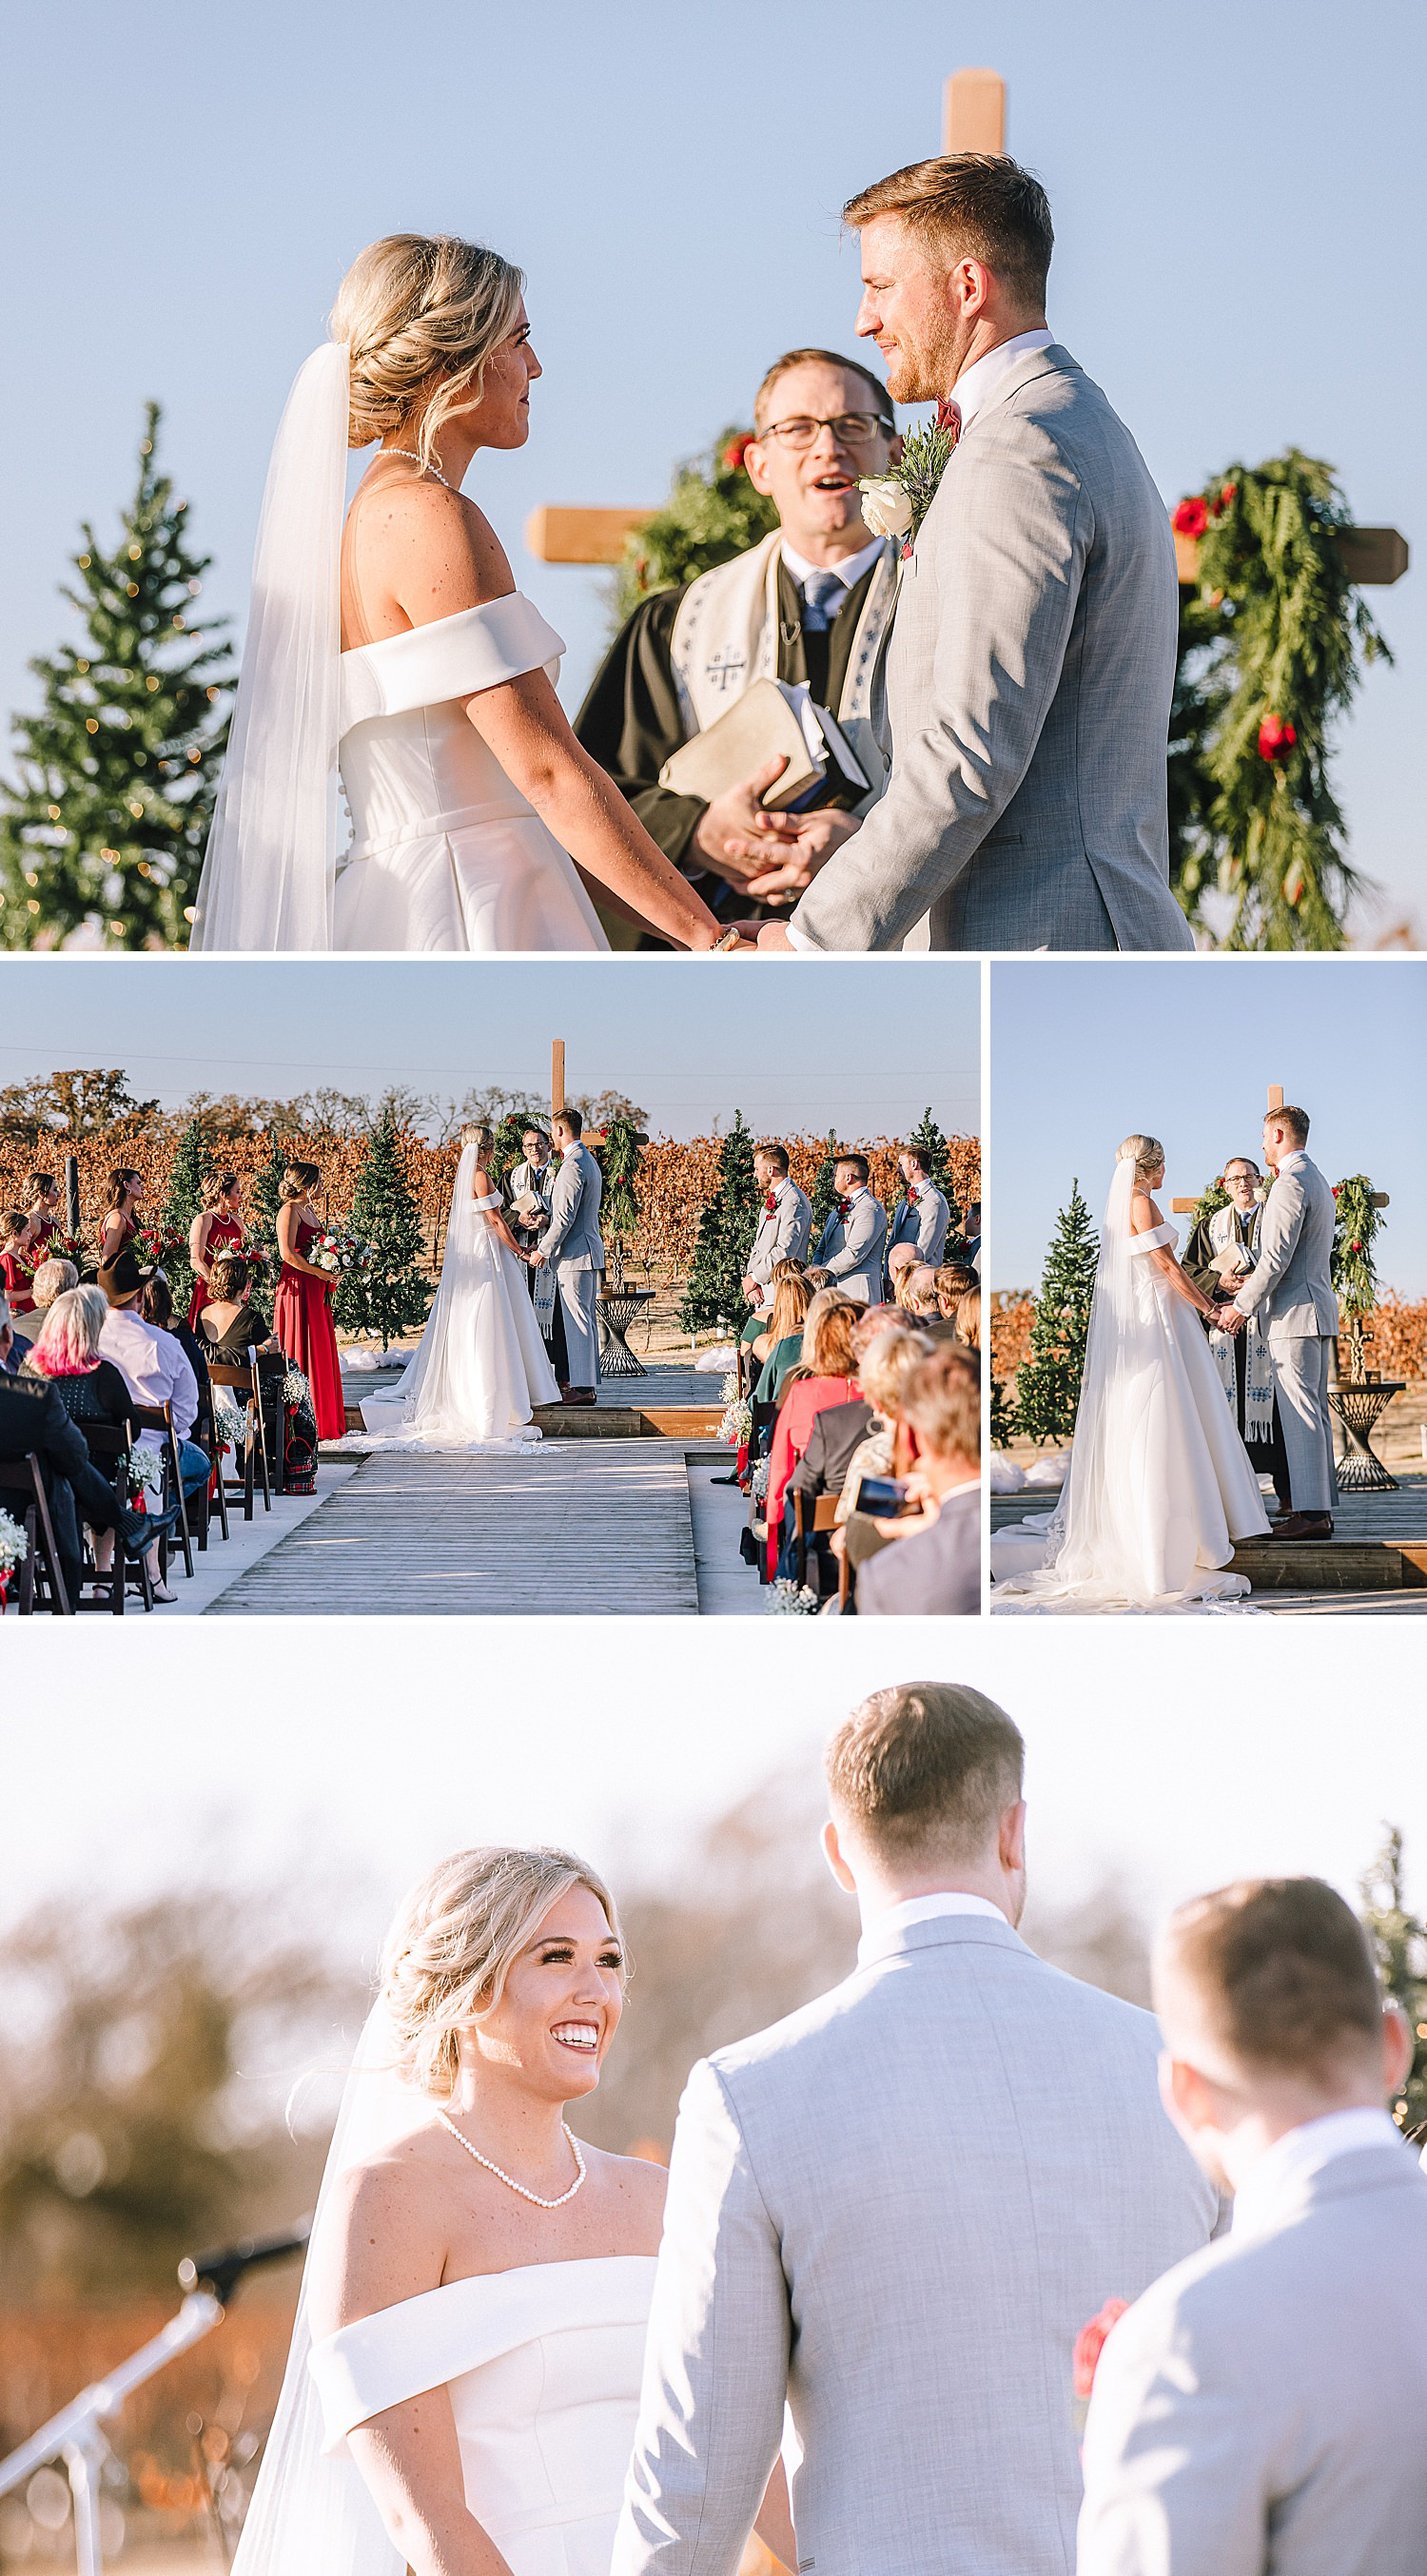 College-Station-Aggie-Wedding-The-Weinberg-at-Wixon-Valley-Christmas-Hallmark-Wedding_0060.jpg